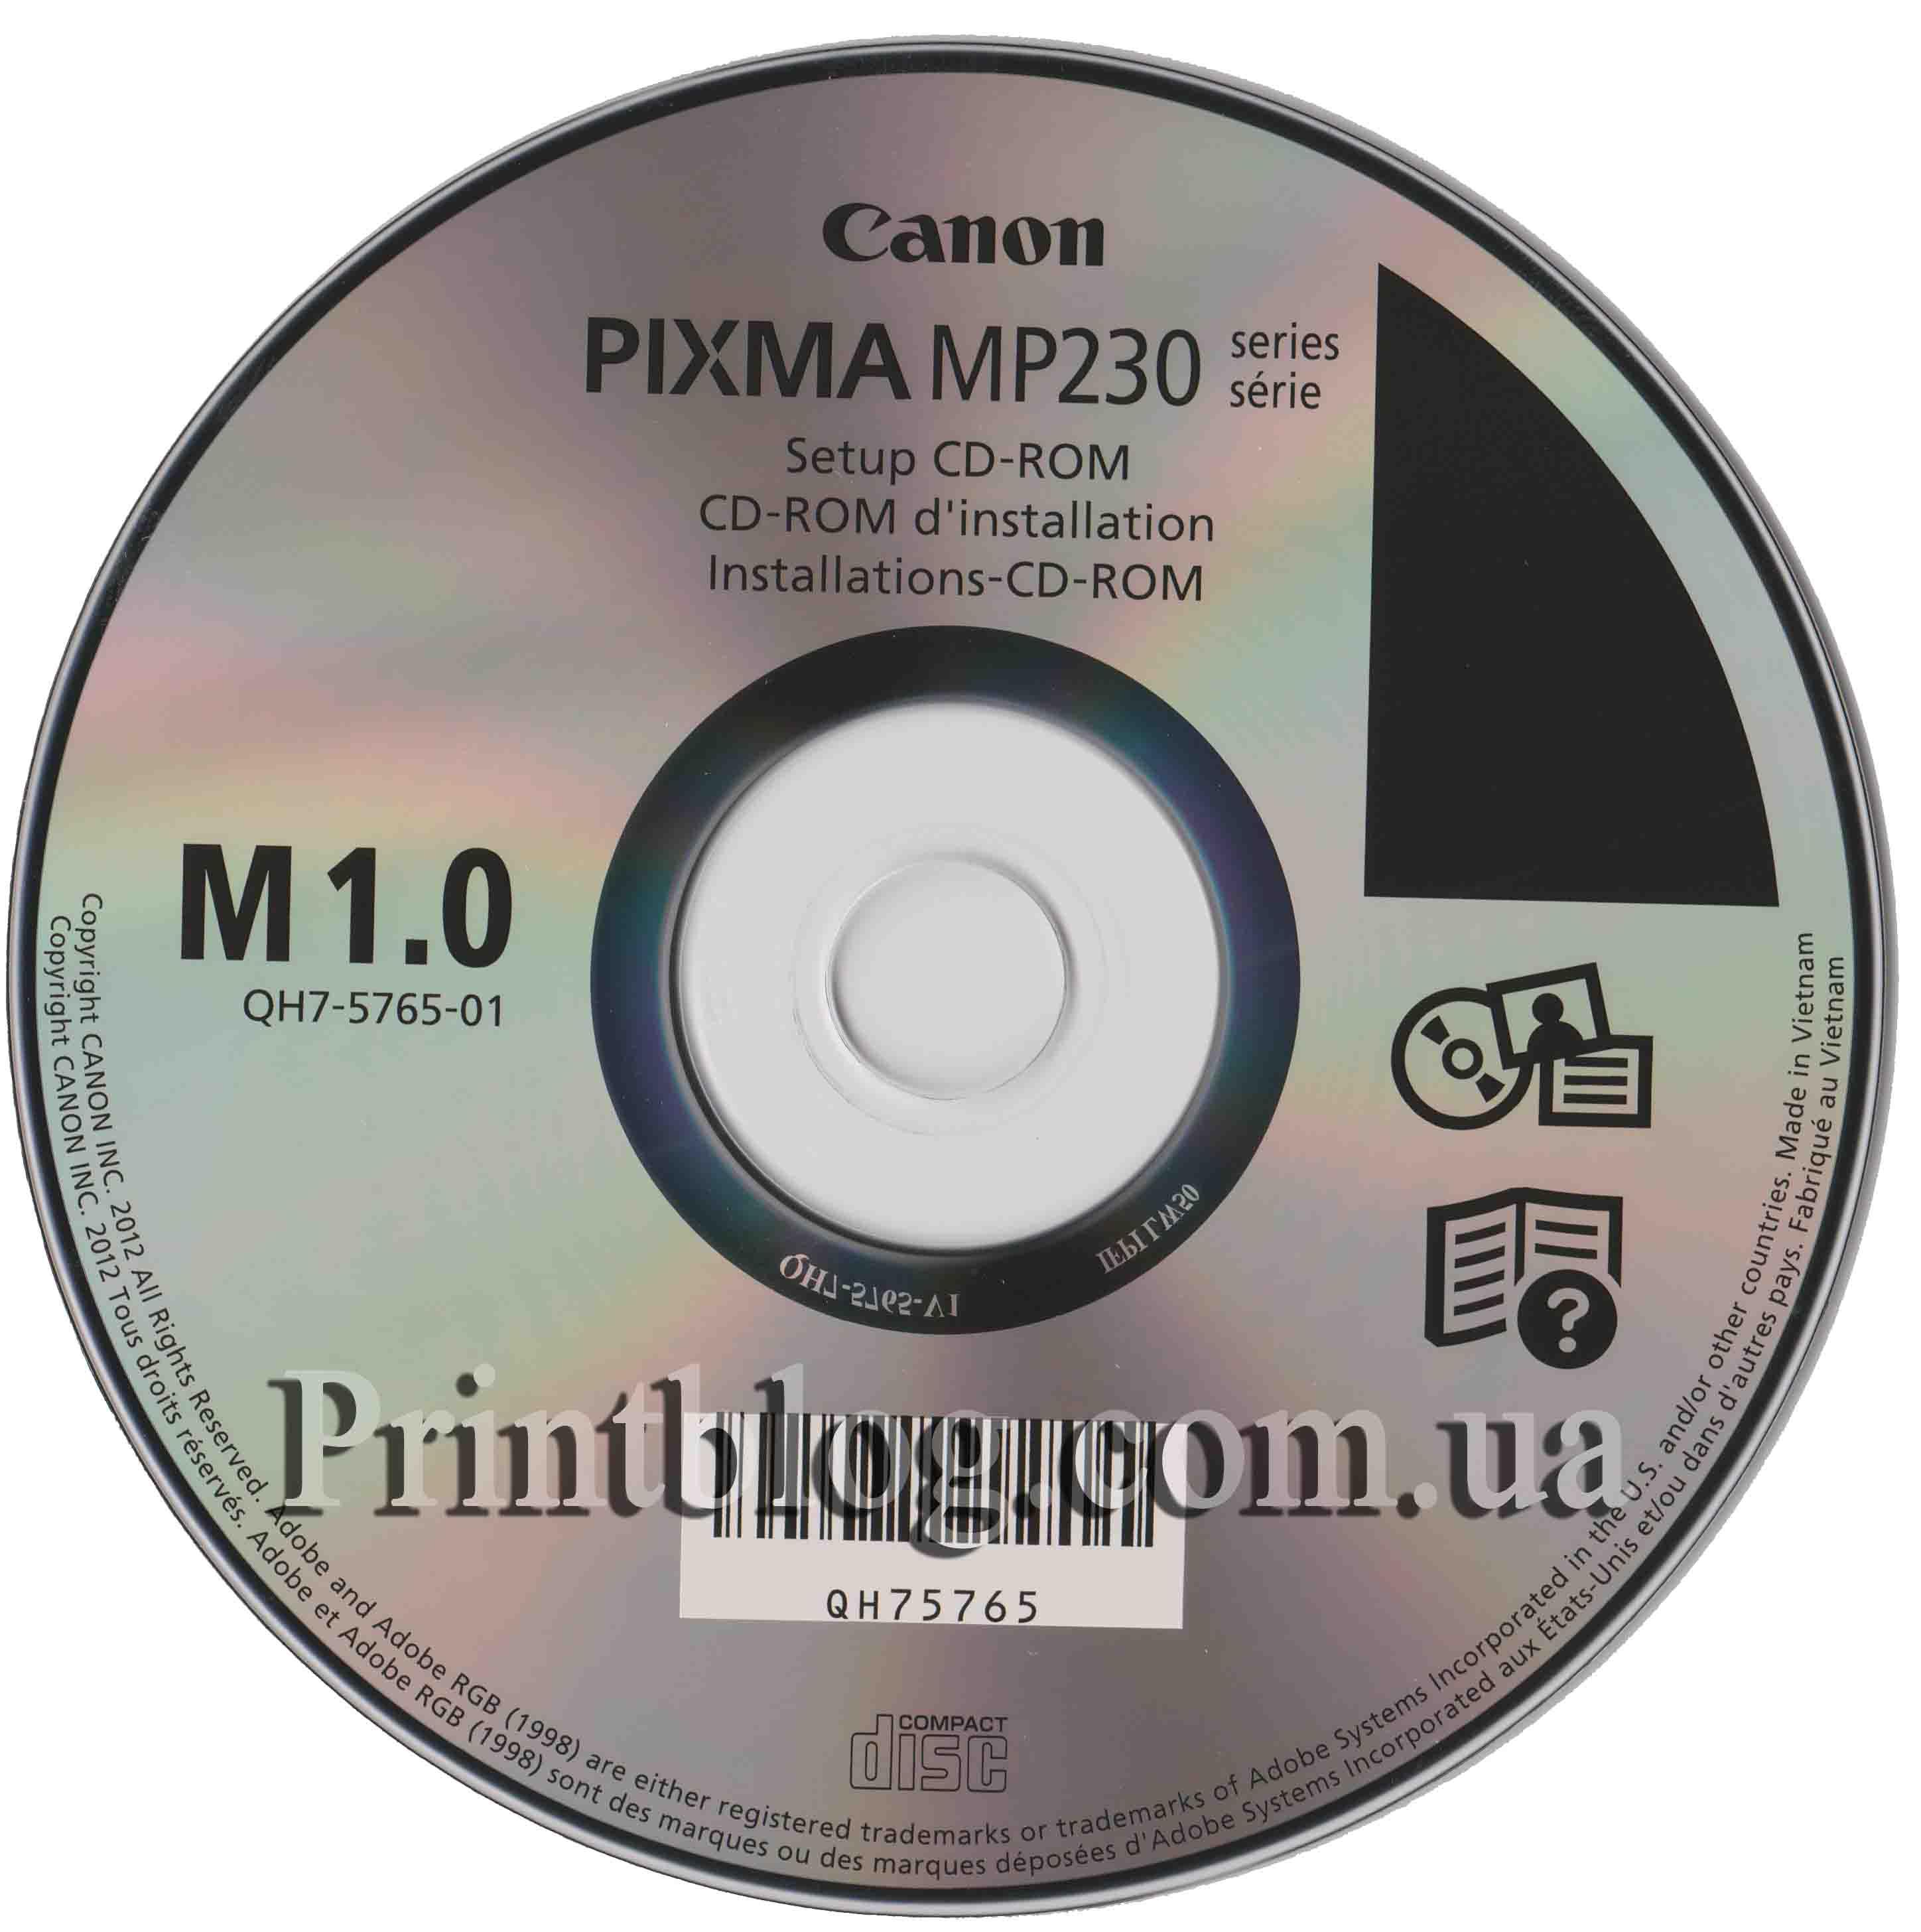 Скачать драйвер для принтера Canon Mp230